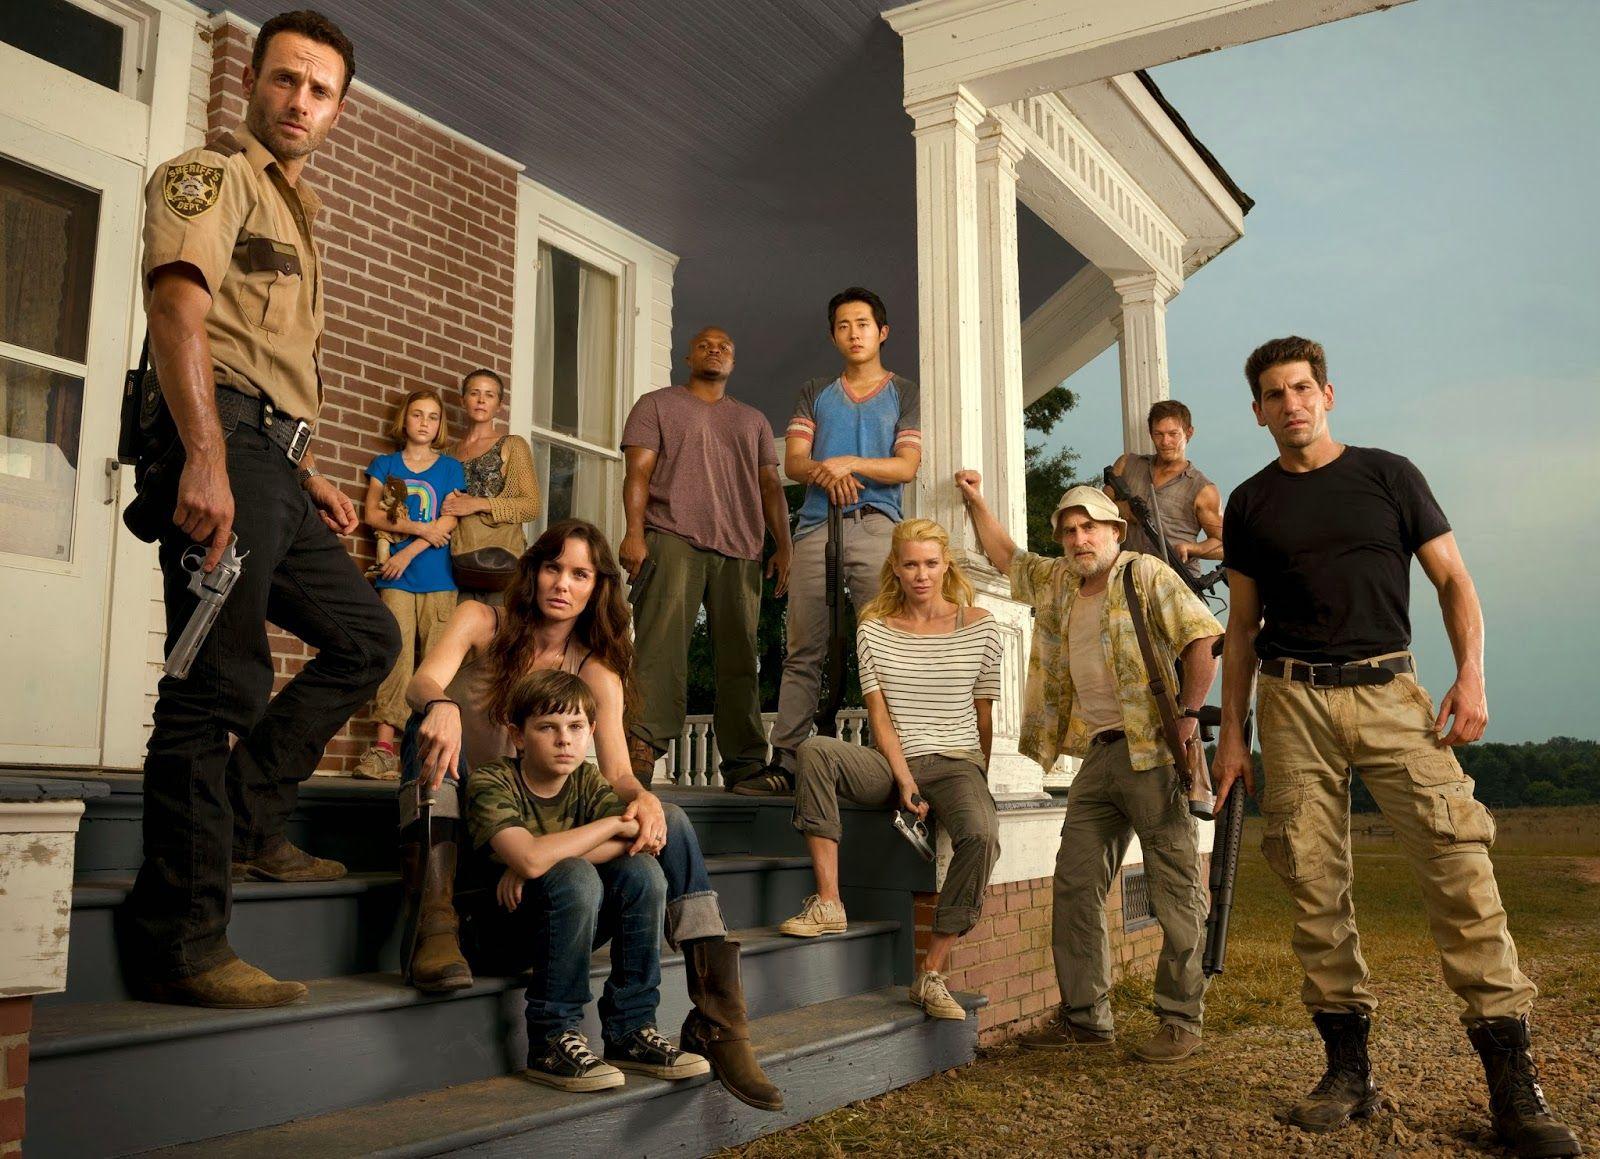 Zijn een van de Walking Dead cast dating